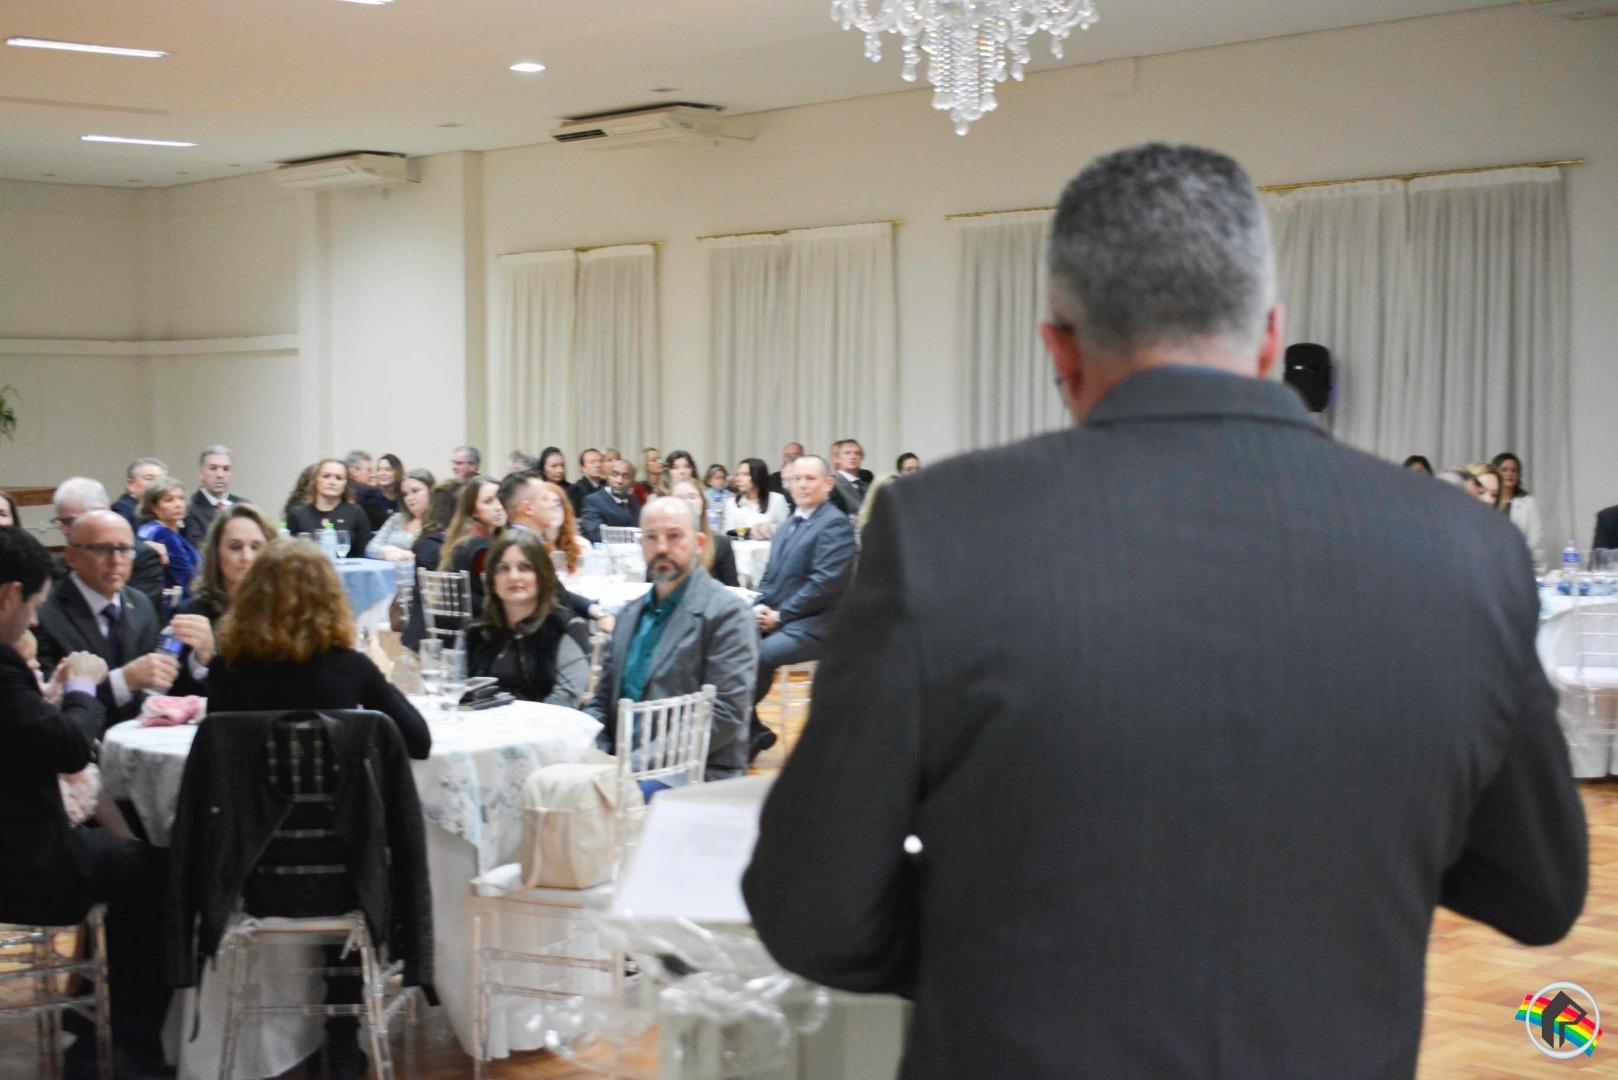 Roberto Mileski assume presidência do Rotary Club São Miguel do Oeste